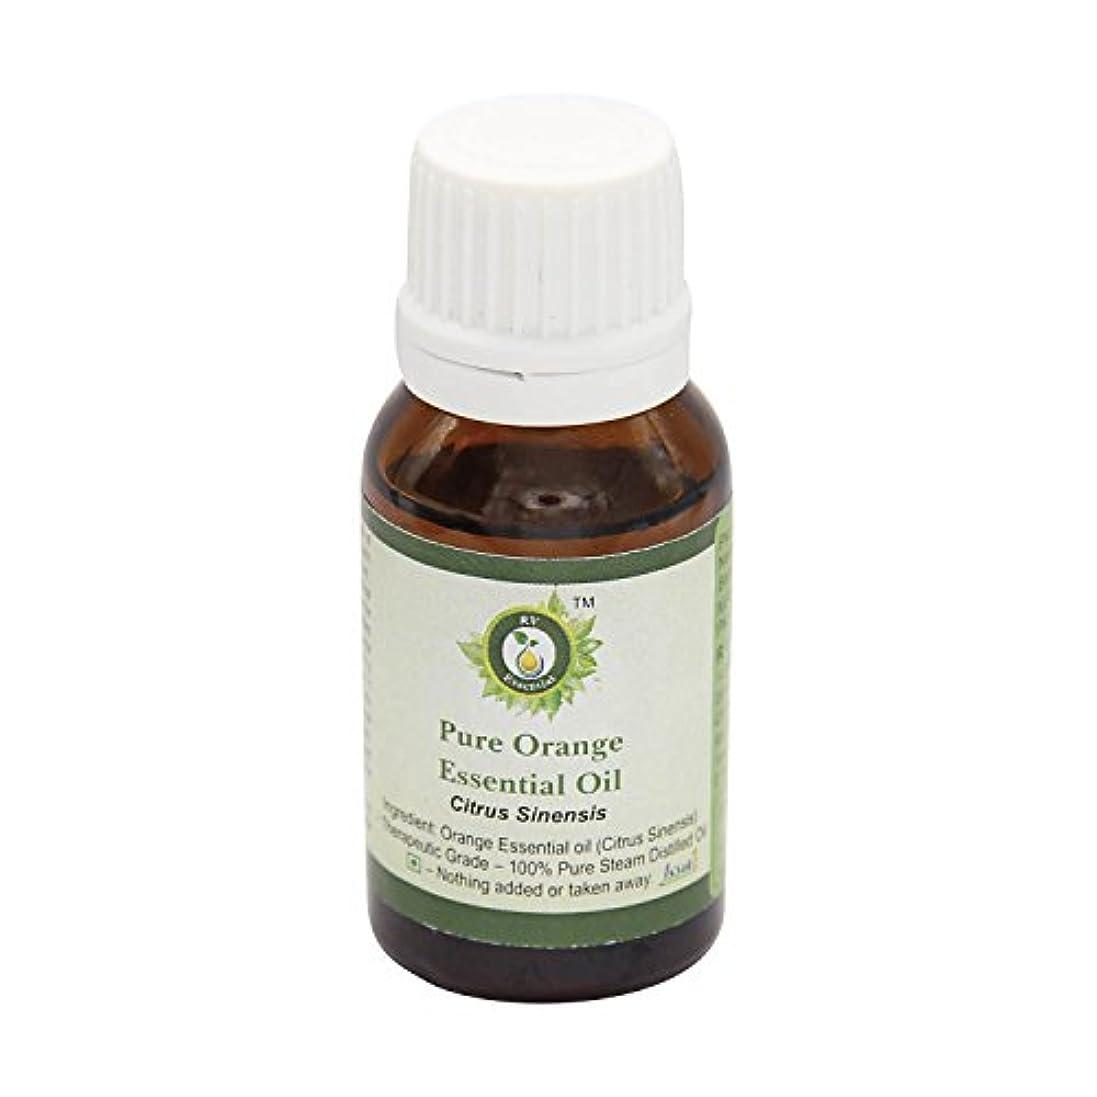 適切な振動する最もR V Essential ピュアオレンジエッセンシャルオイル30ml (1.01oz)- Citrus Sinensis (100%純粋&天然スチームDistilled) Pure Orange Essential Oil